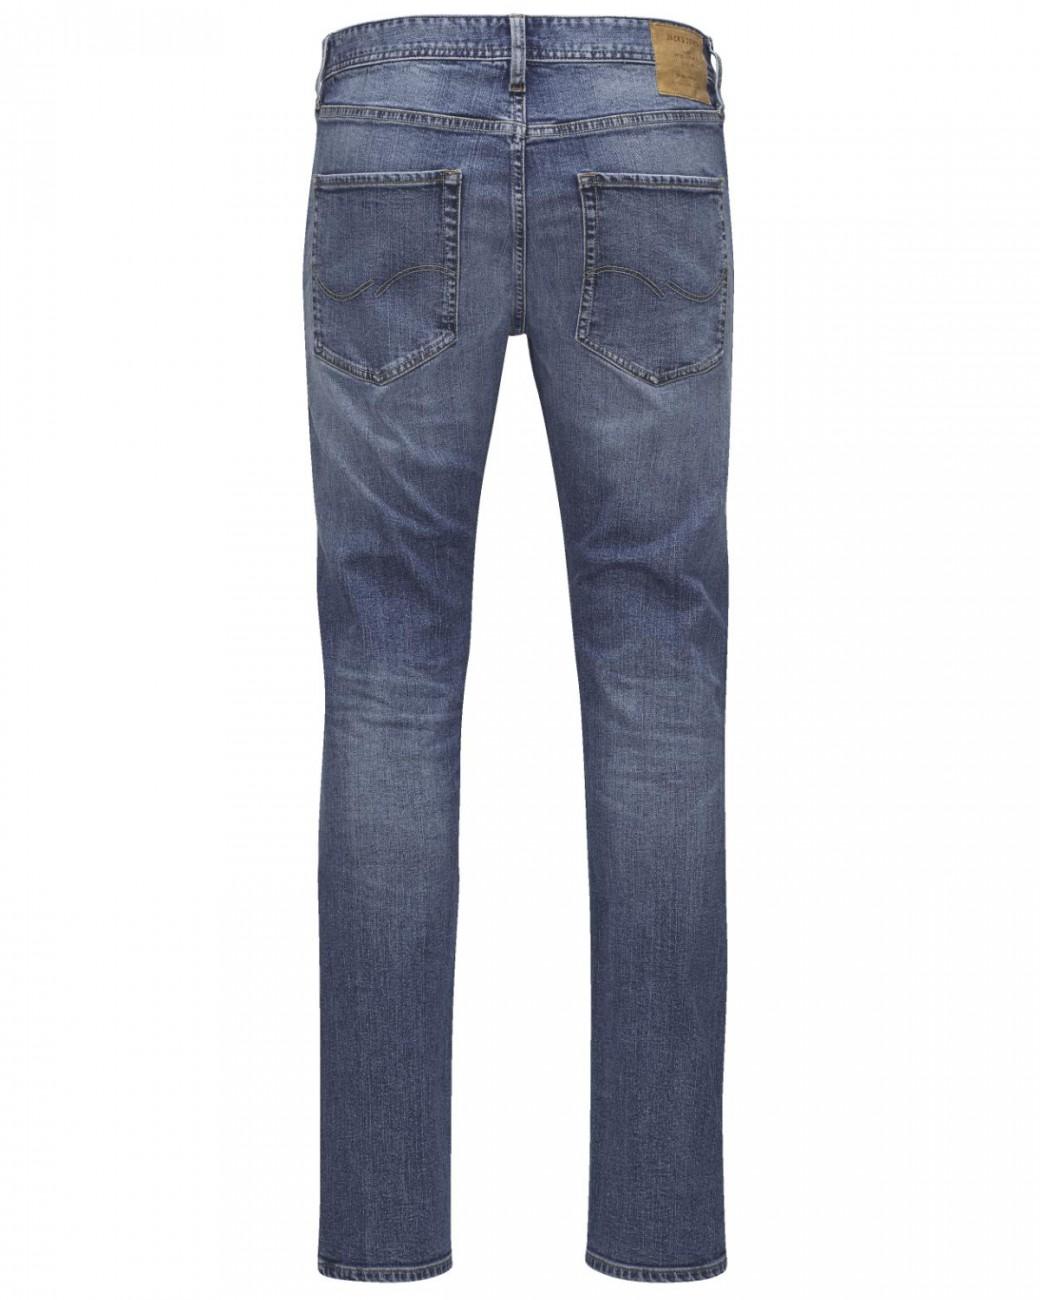 Jack & Jones Herren Jeans JJITIM JJORIGINAL AKM 765  - Slim Fit - Blau